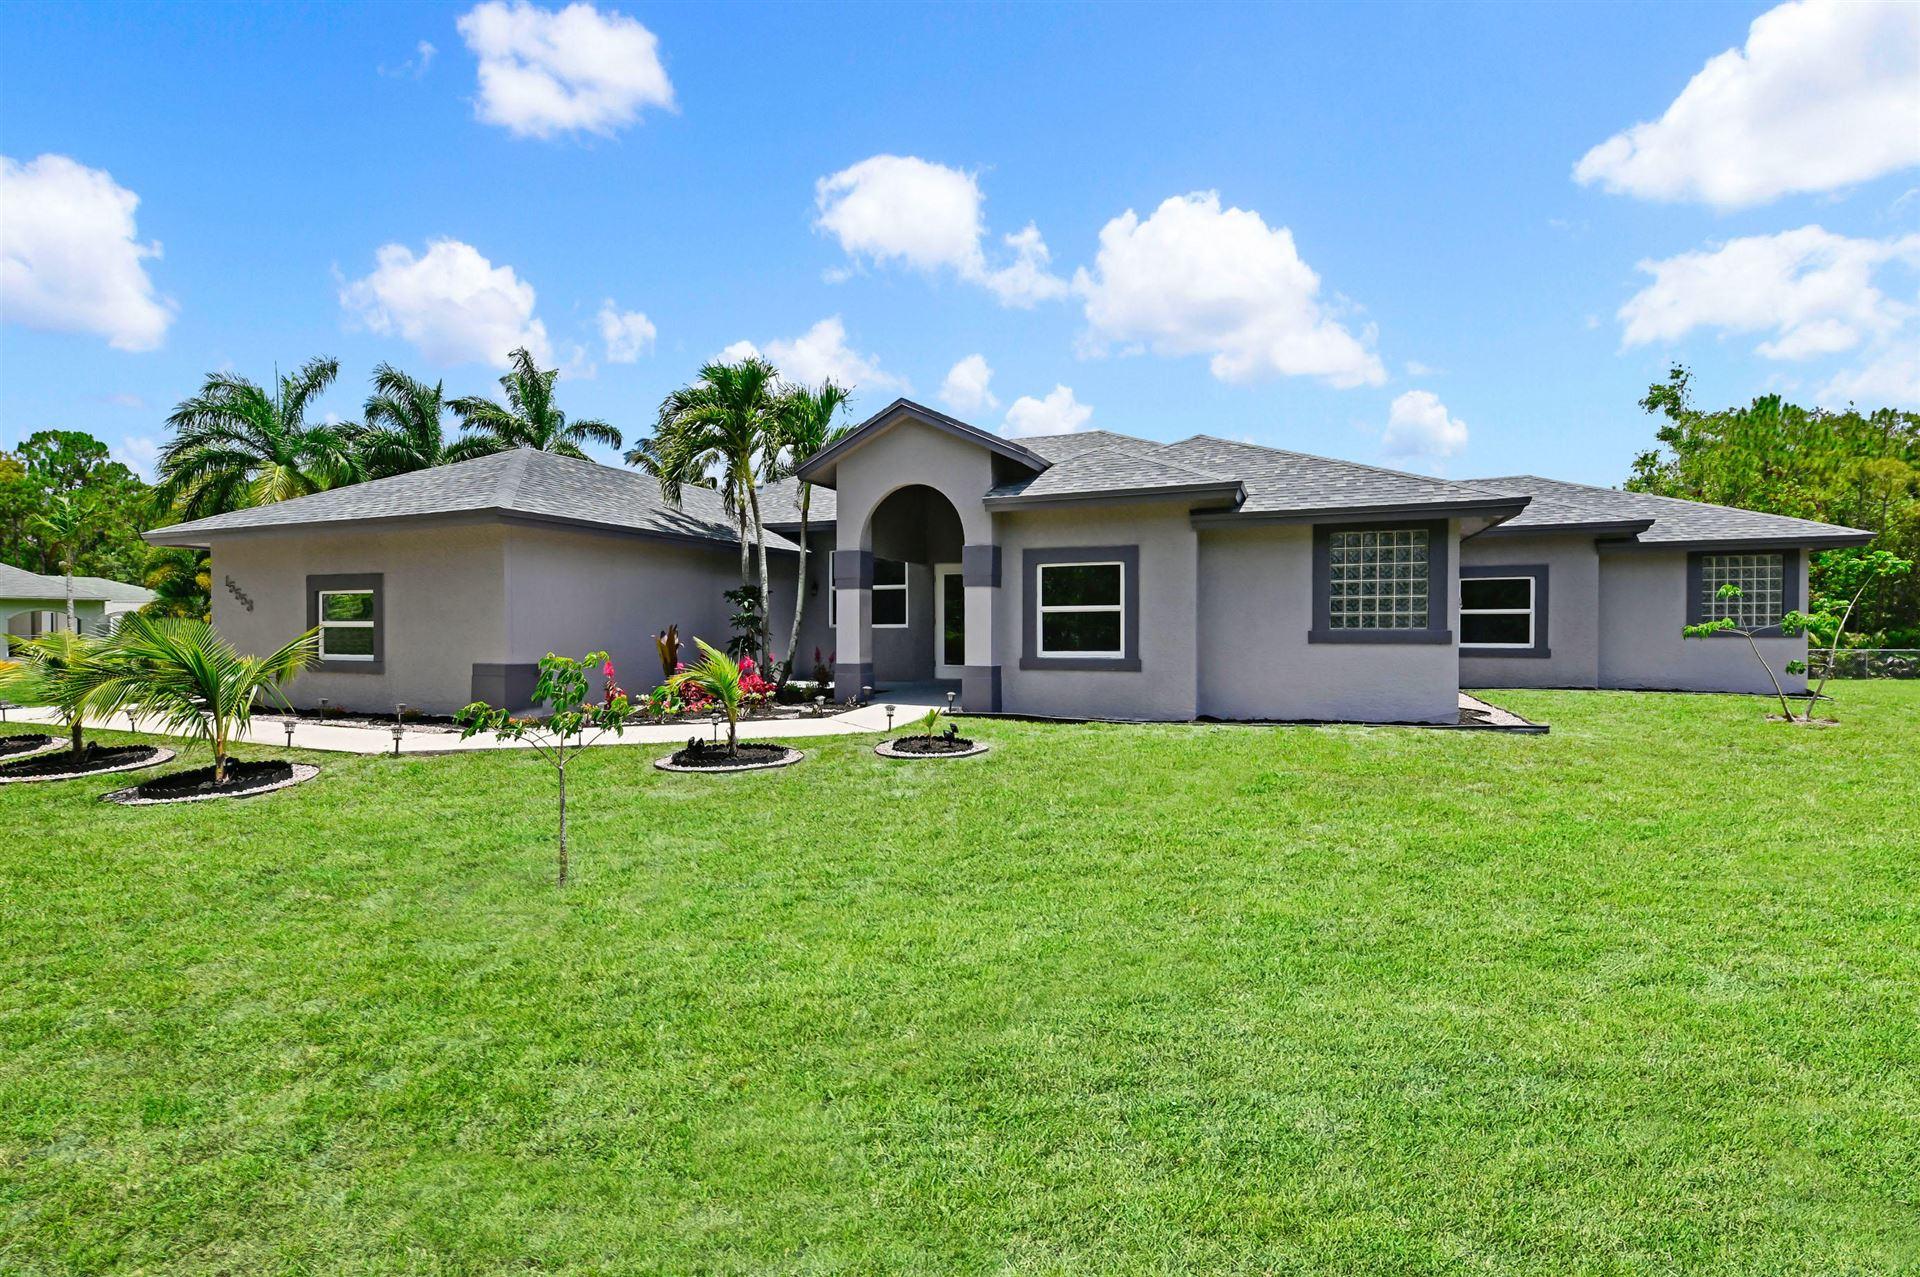 15553 Key Lime Boulevard, Loxahatchee, FL 33470 - MLS#: RX-10723197